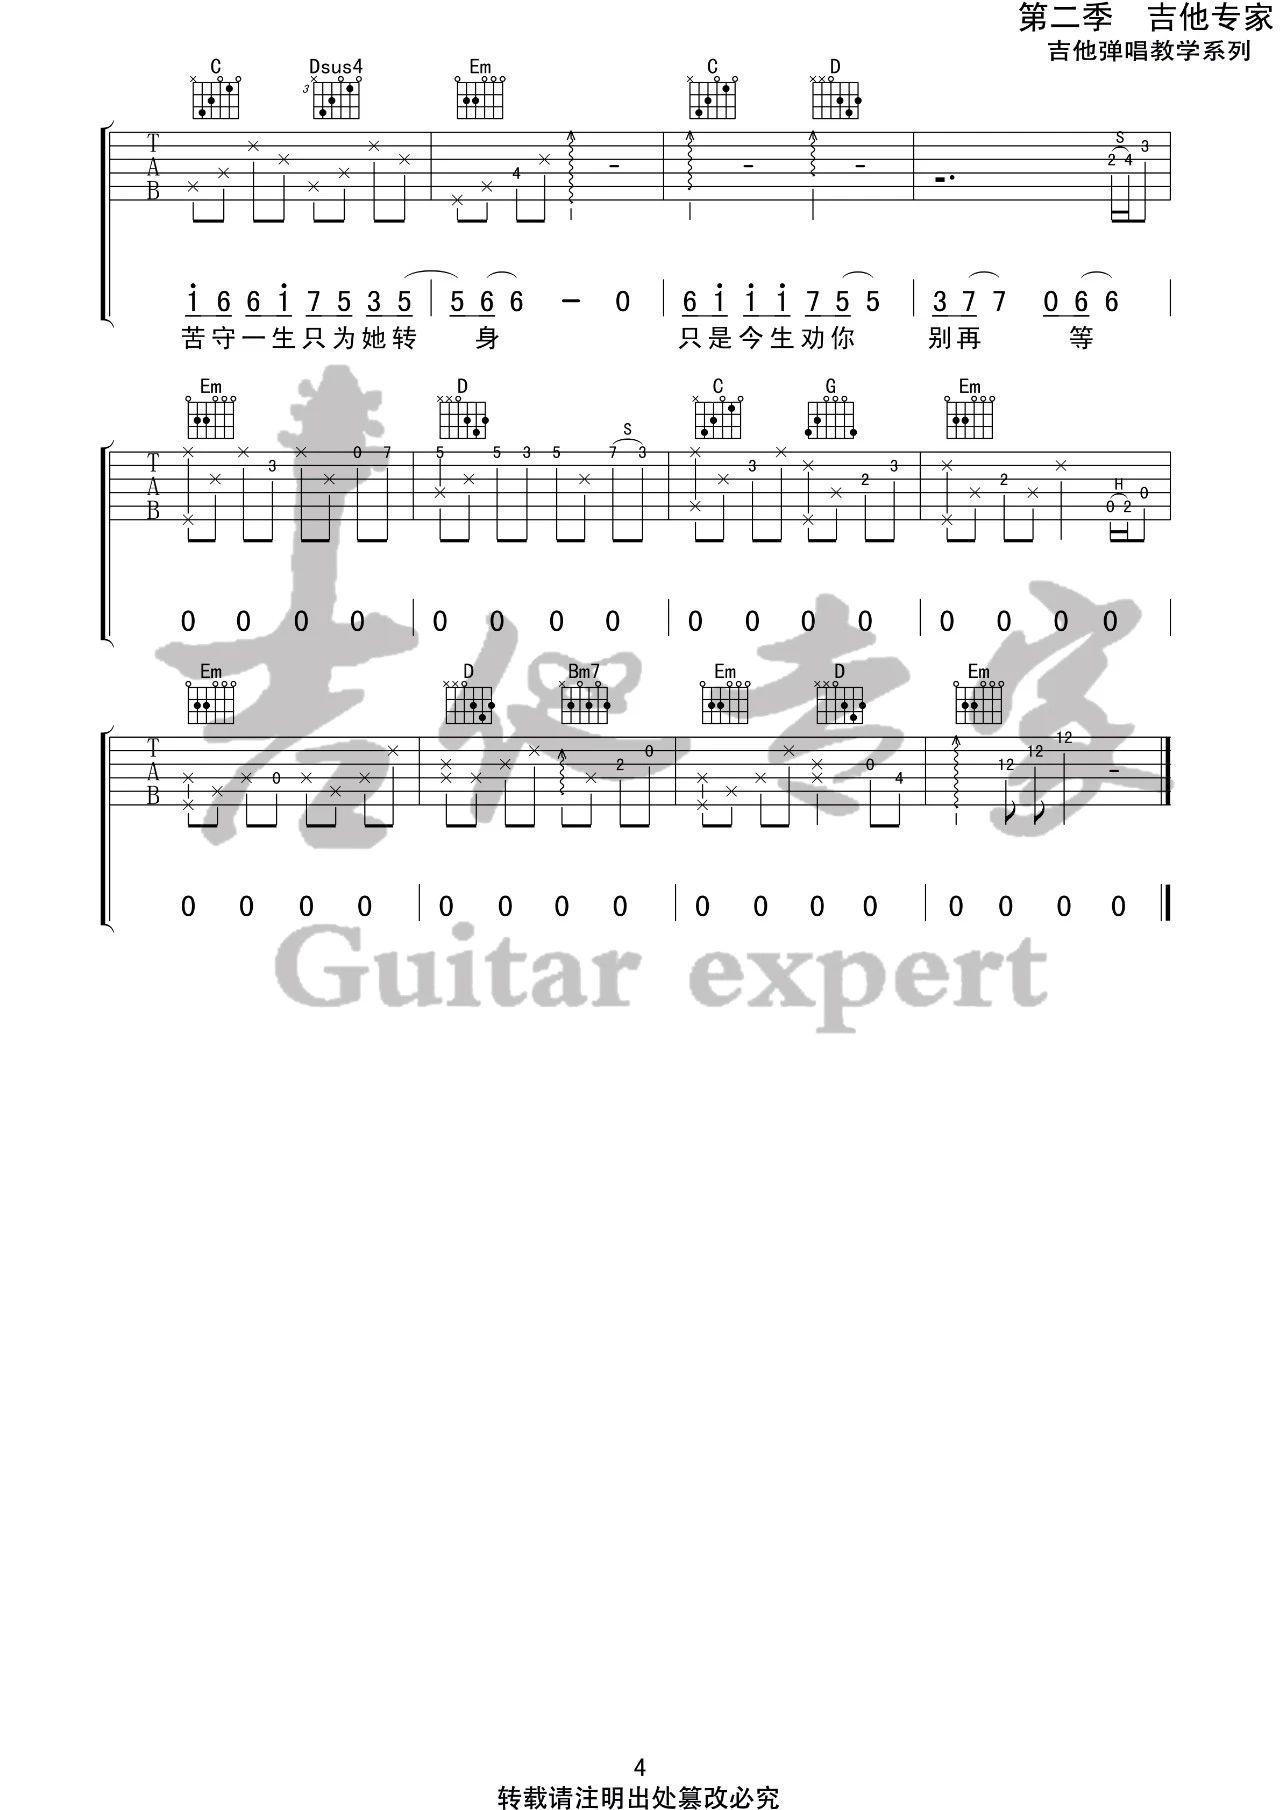 吉他派《无期》吉他谱-4